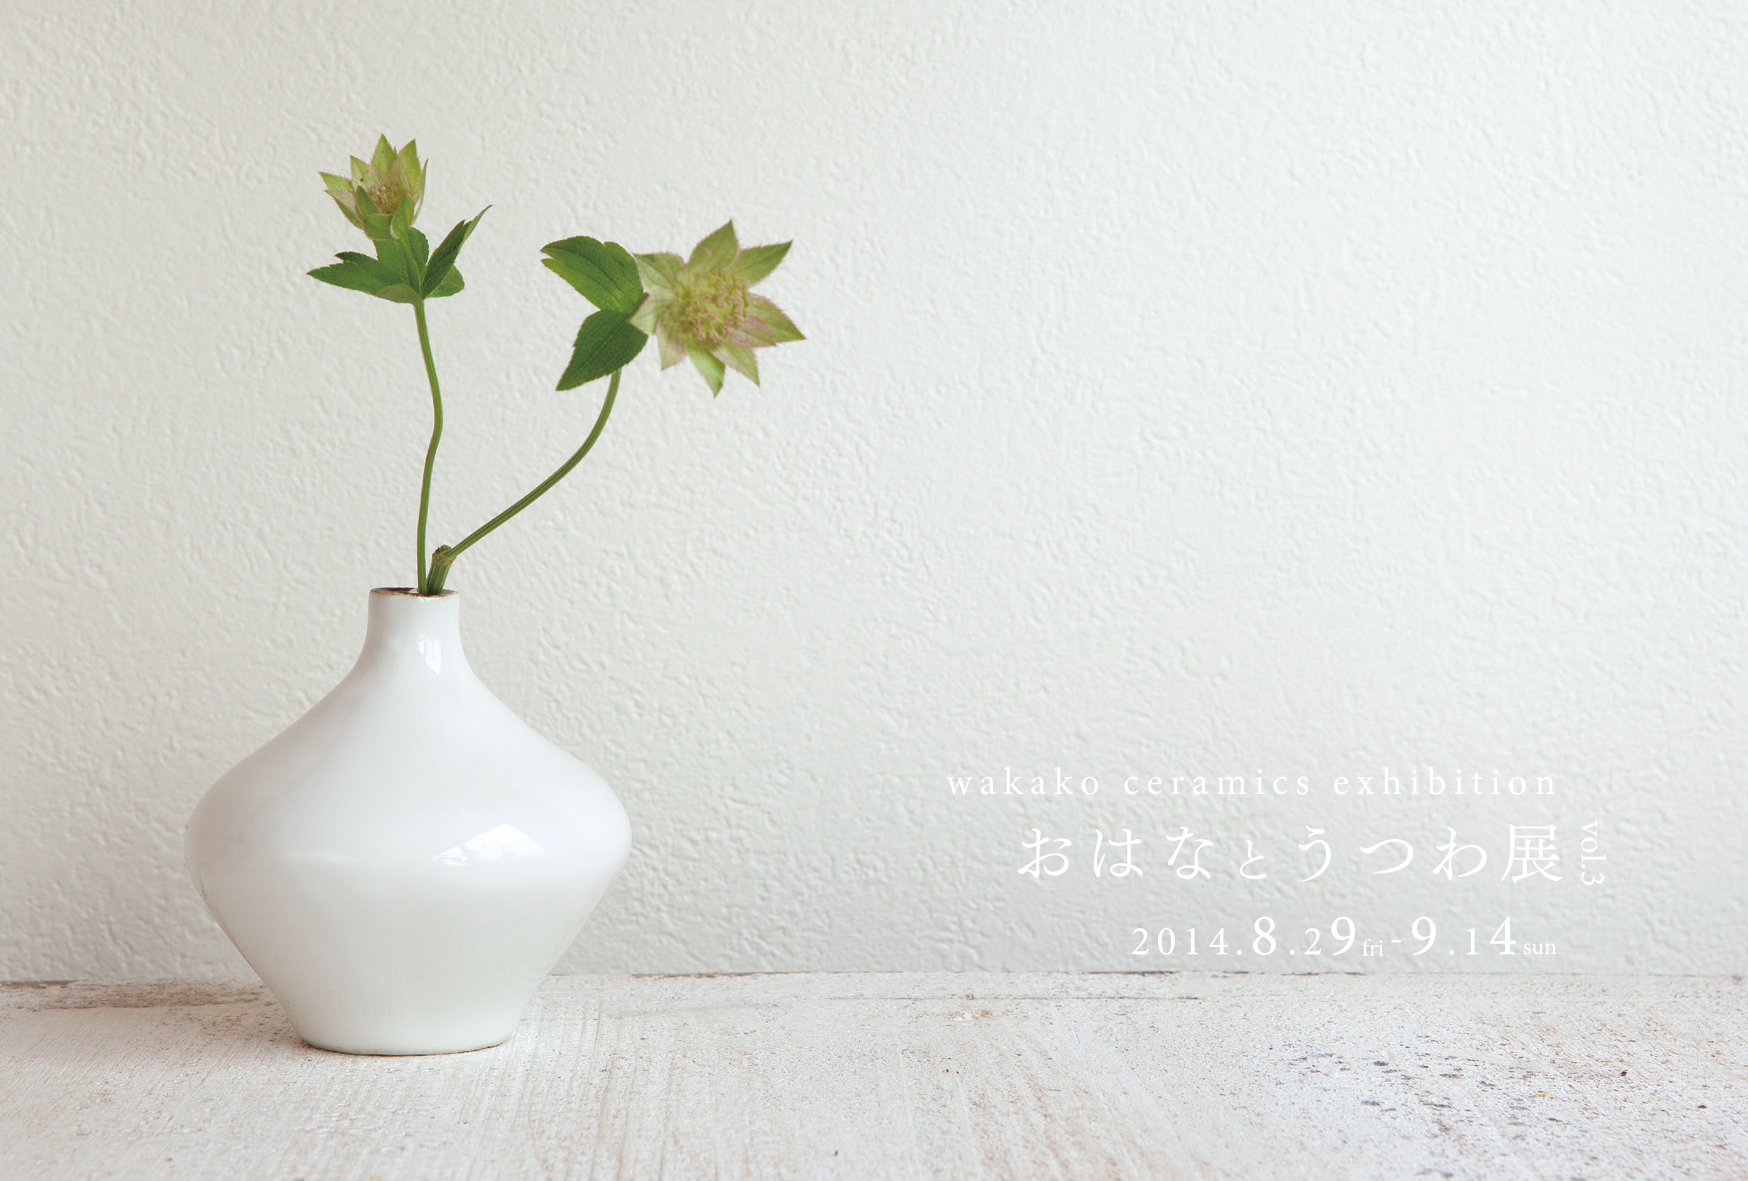 DM_おはなとうつわ展vol.4ol